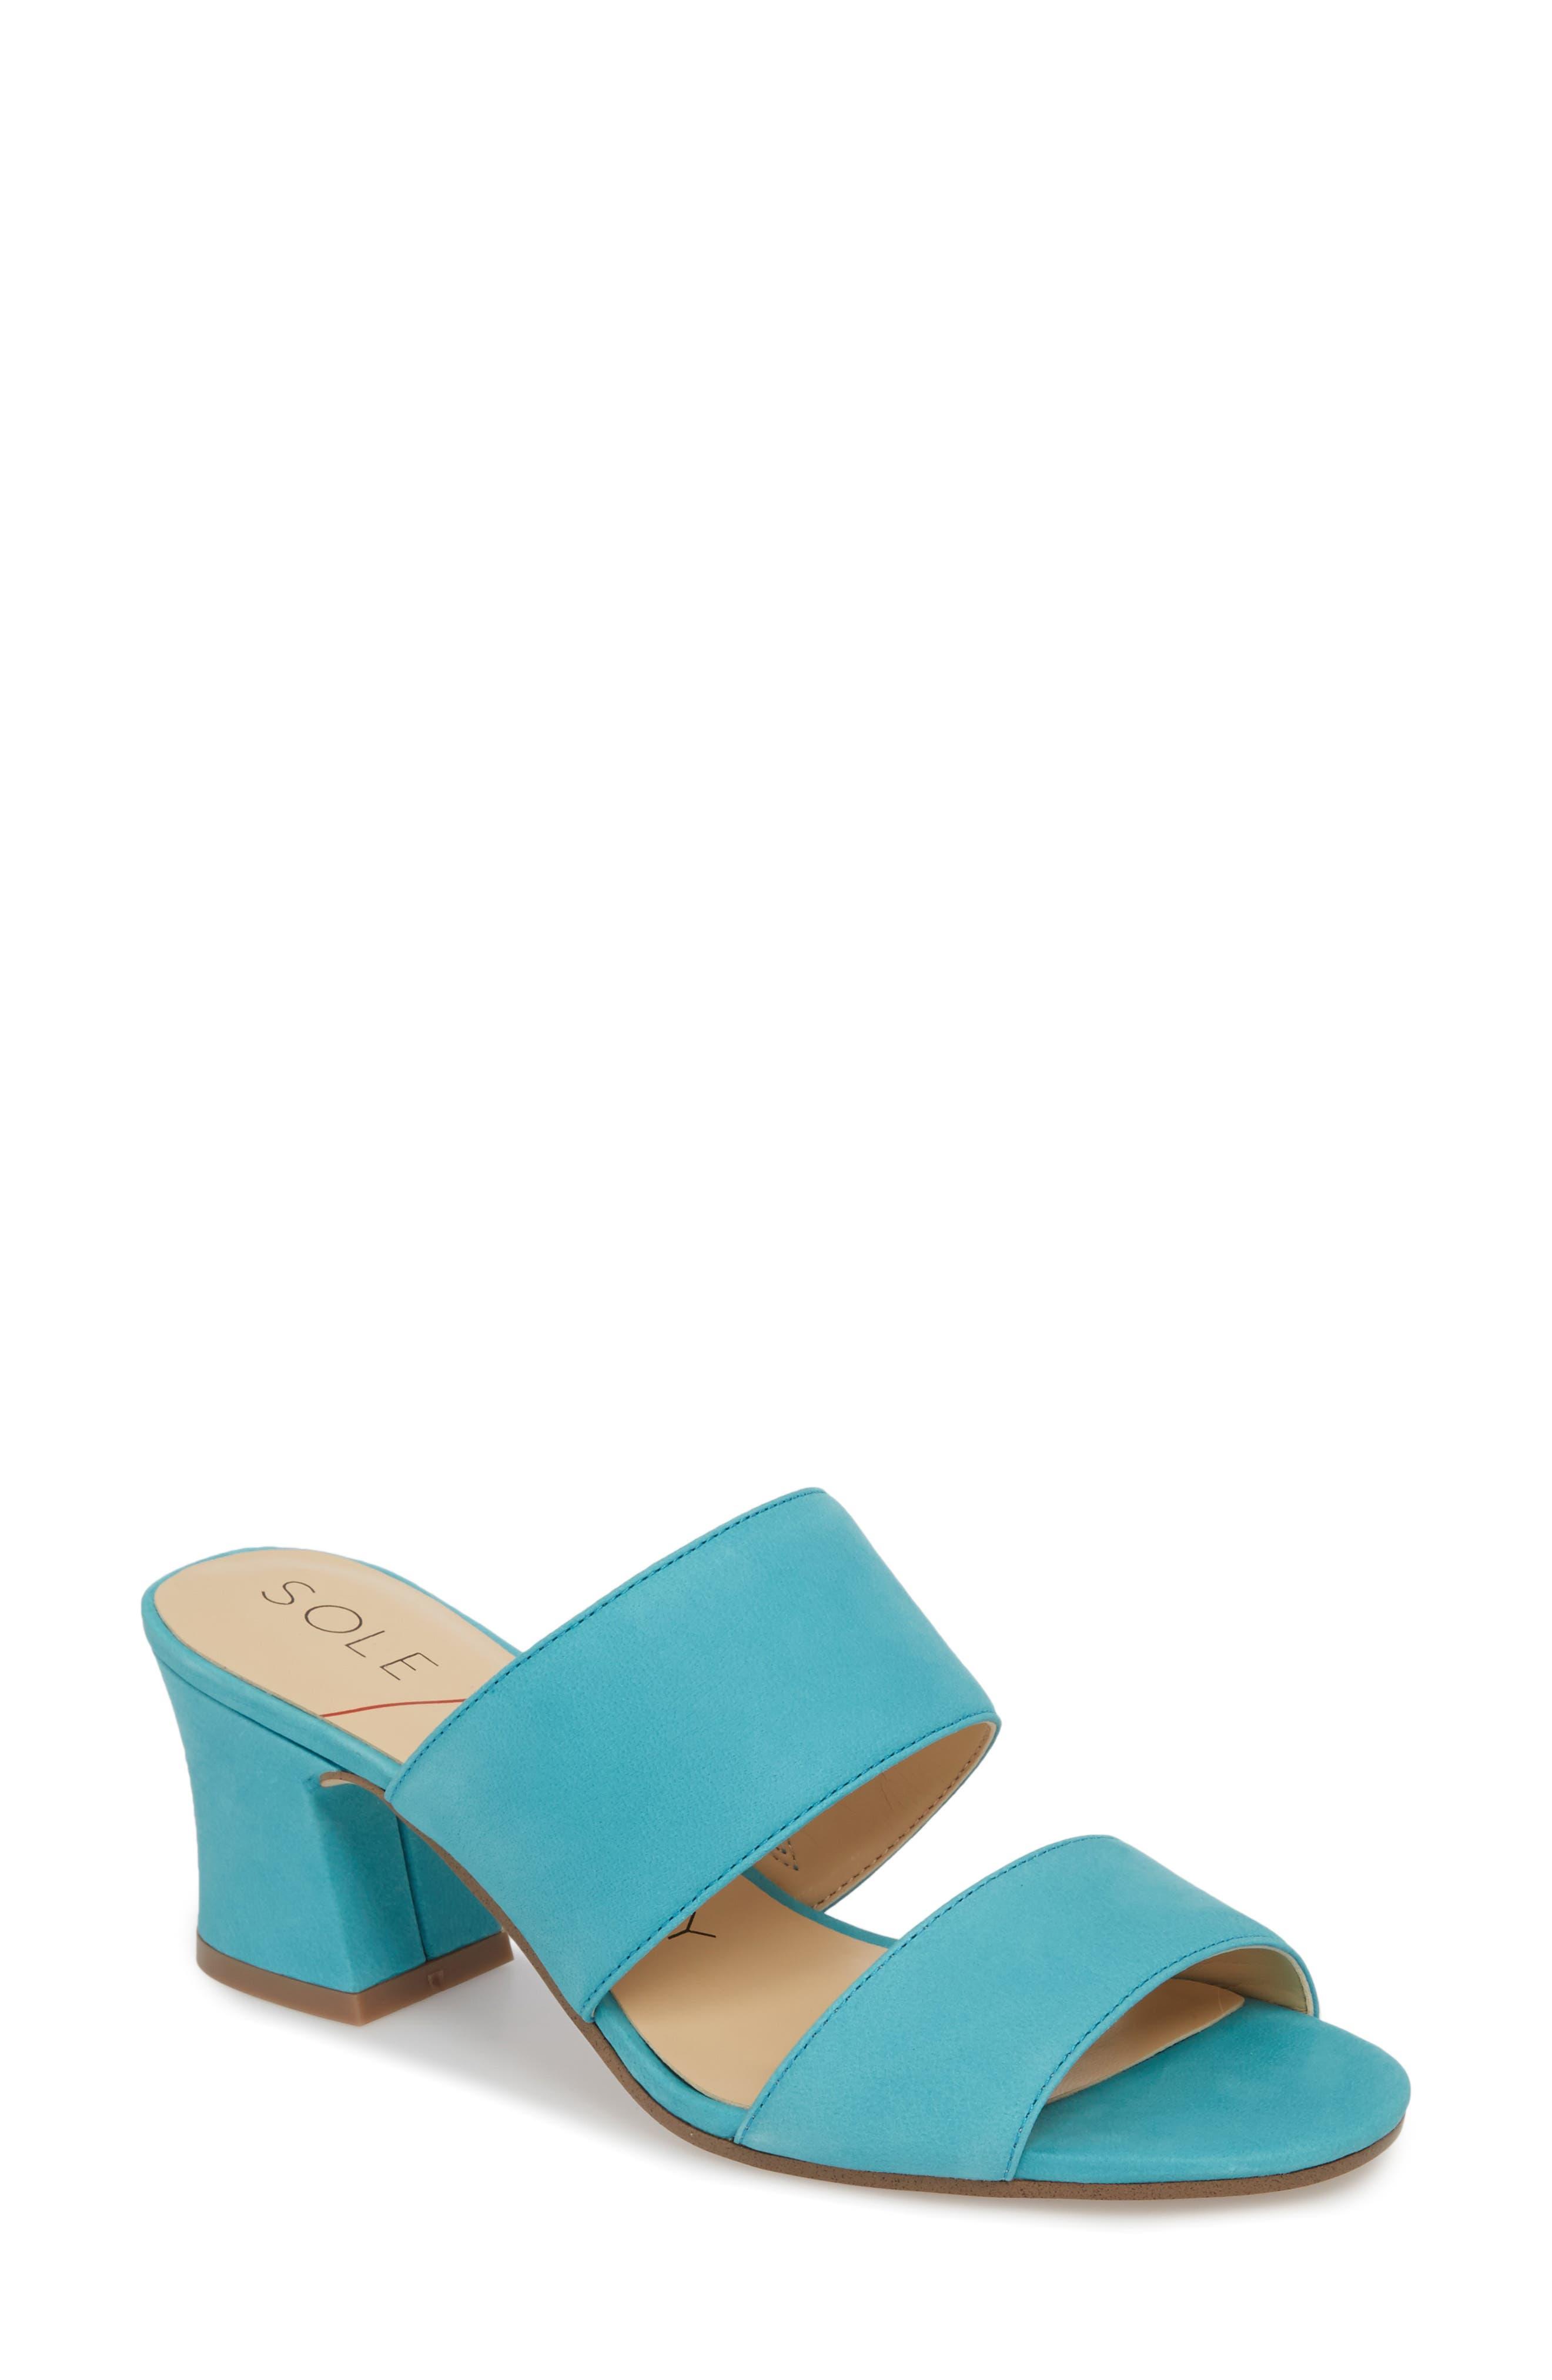 Heline Slide Sandal,                         Main,                         color,